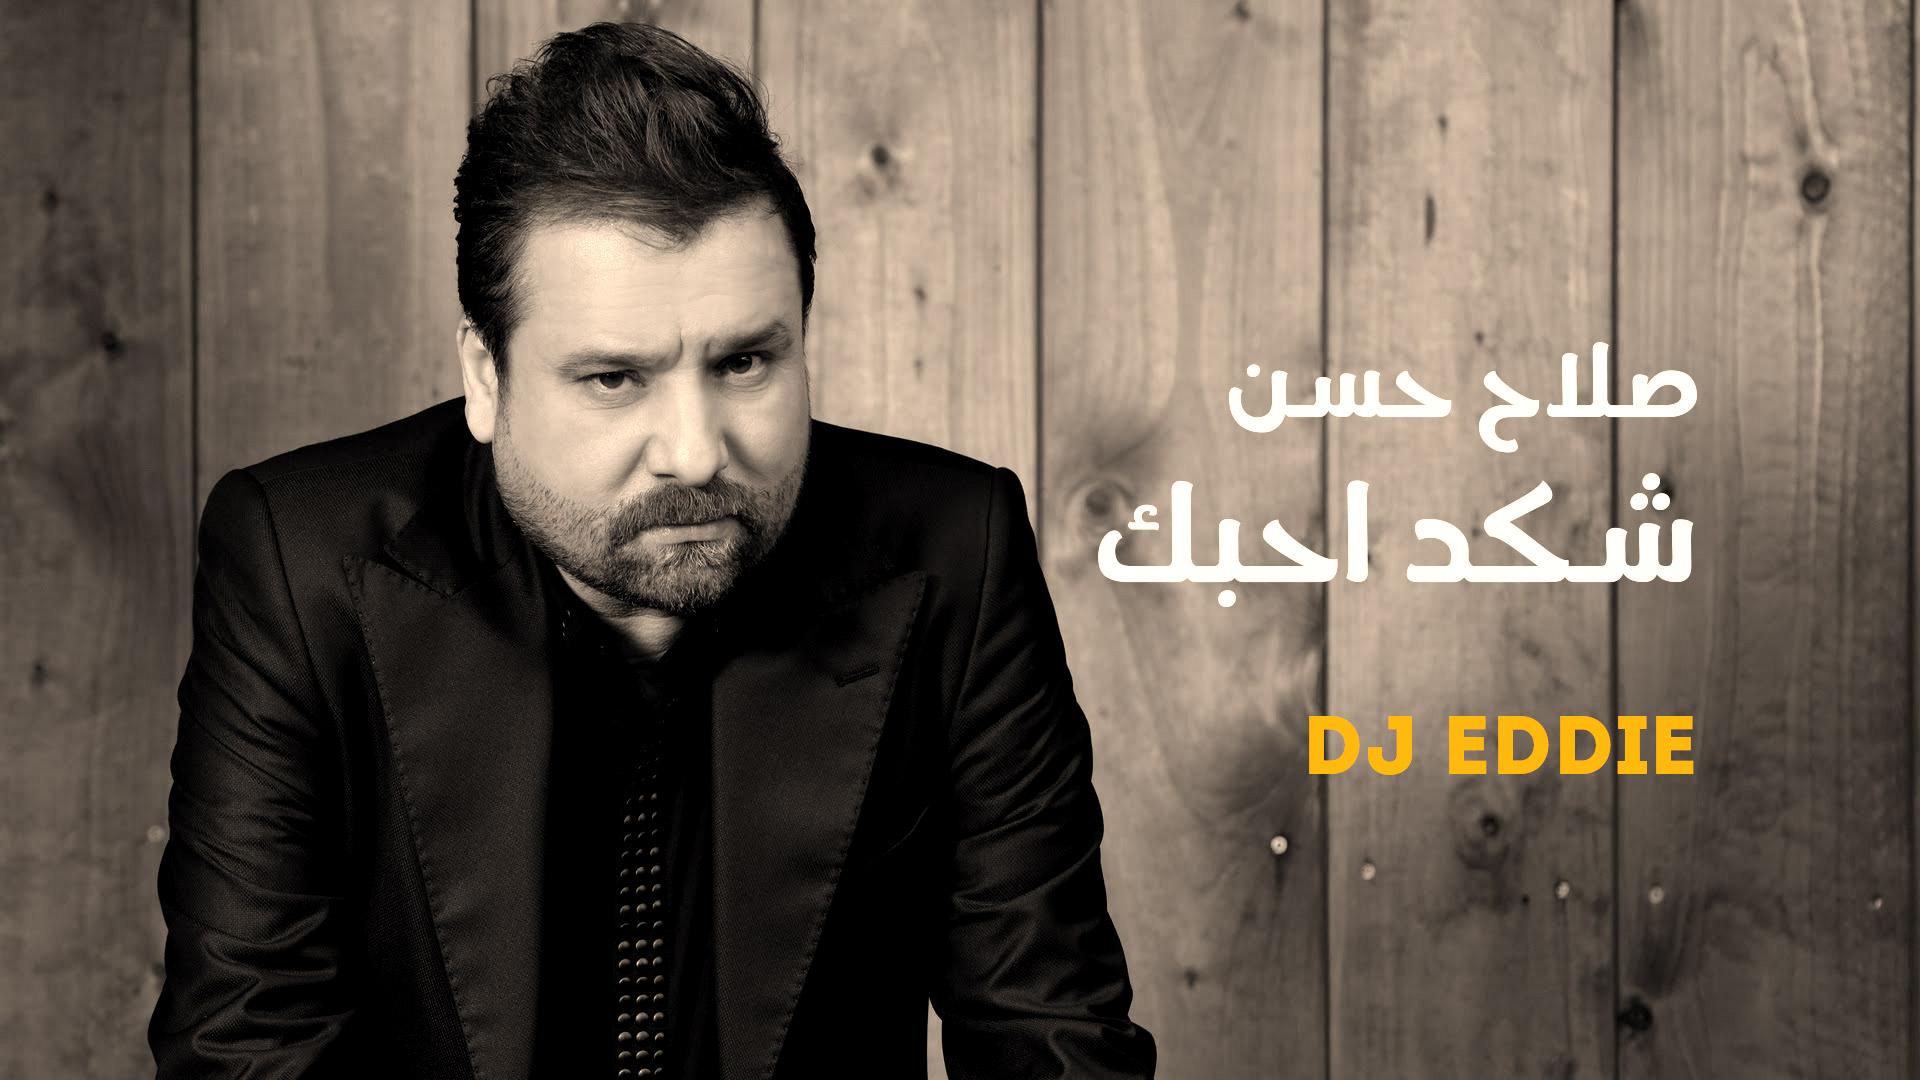 صلاح حسن – شكد احبك Salah Hasan - Shgad Ahibbak